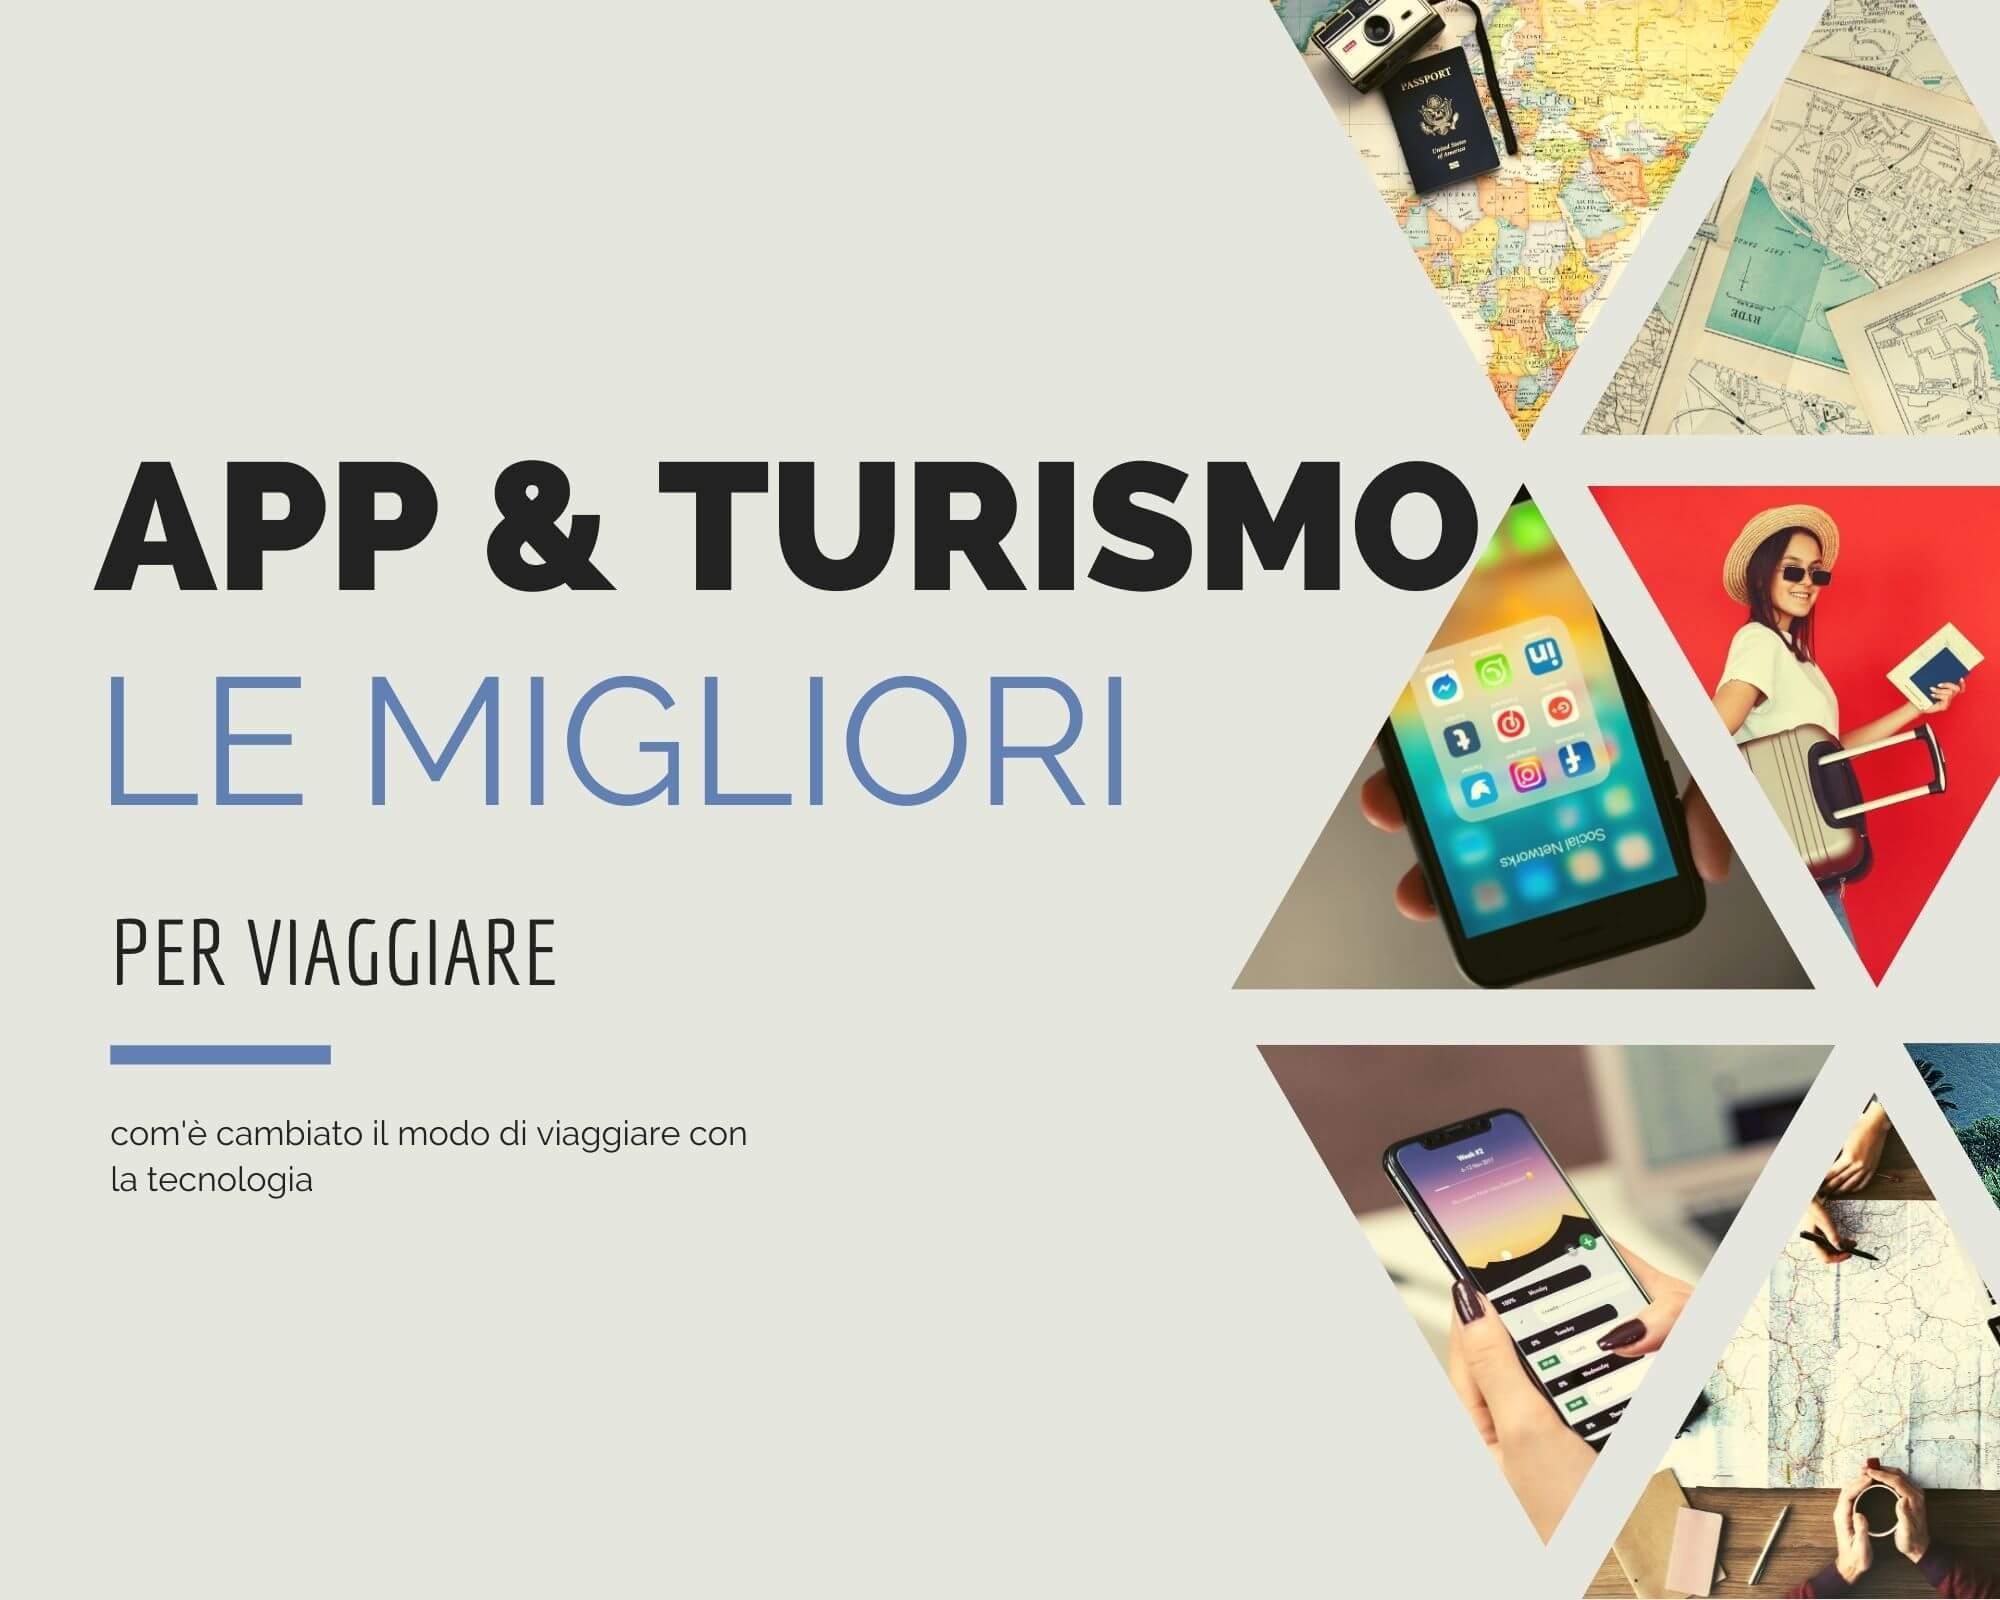 app e turismo come cambia il mondo dei viaggi